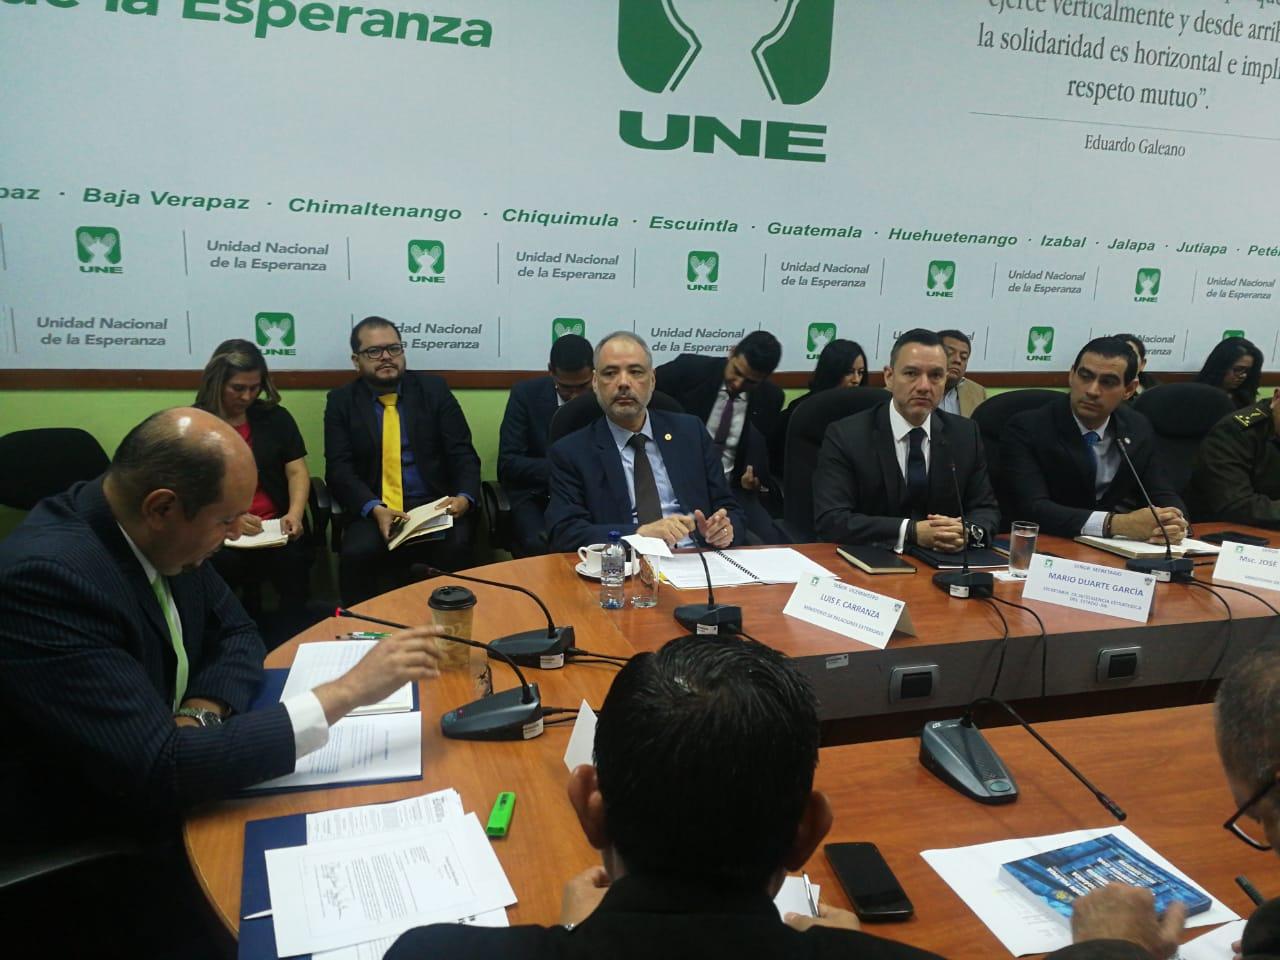 Funcionarios del Ejecutivo responden a diputados sobre la concentración de los jeeps J8.  (Foto Prensa Libre: Juan Diego González)